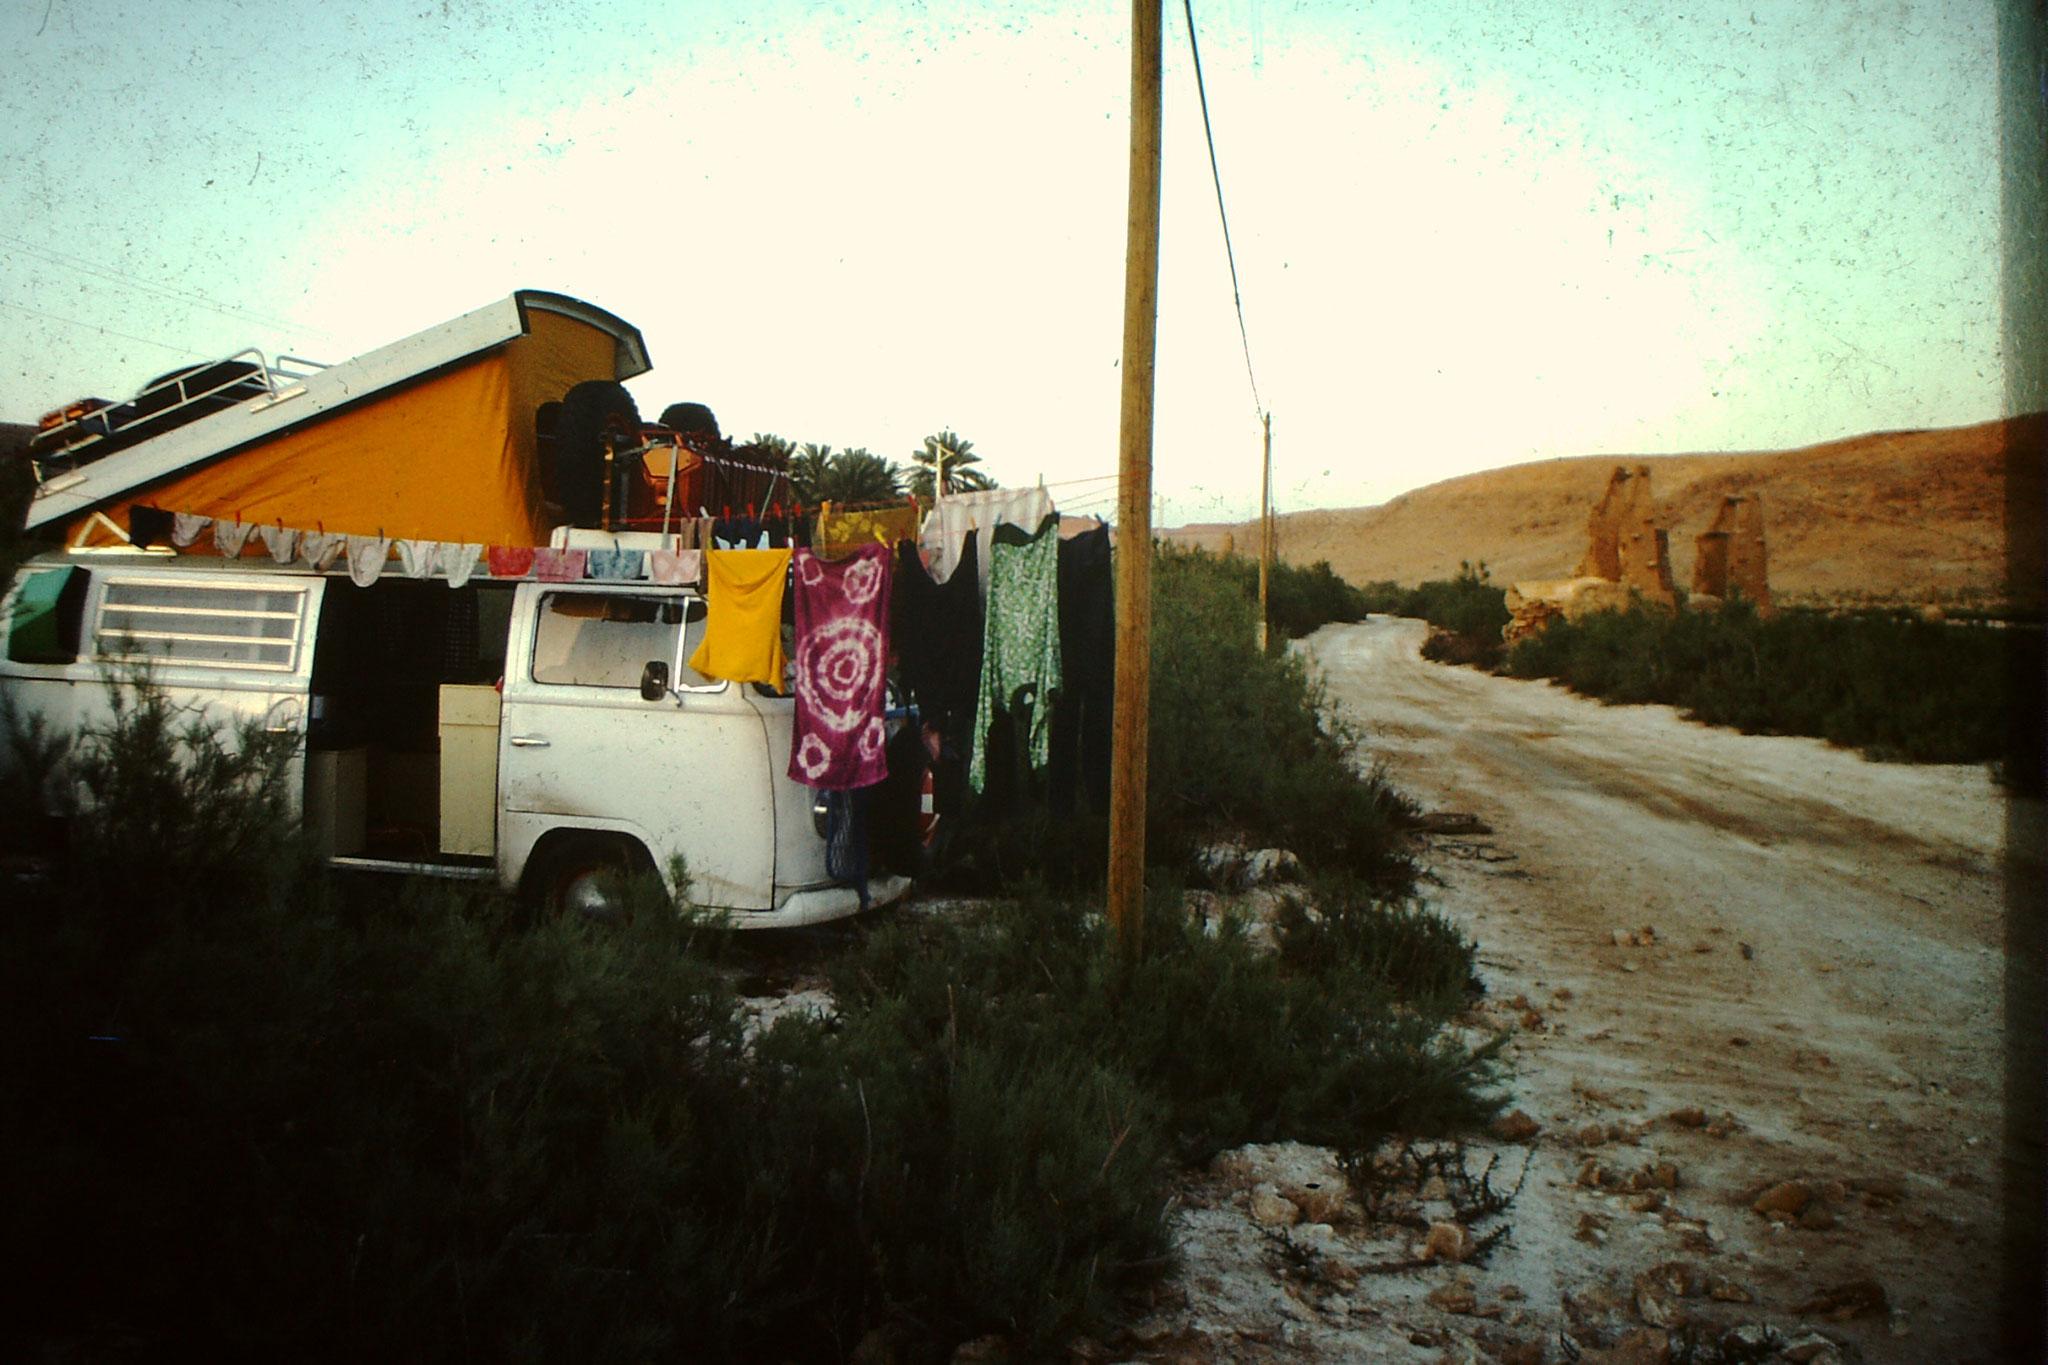 7. Auch Wäsche waschen gehört zu einem längeren Aufenthalt in Afrika. In der Hitze von Gardaia trocknet sie extrem schnell.